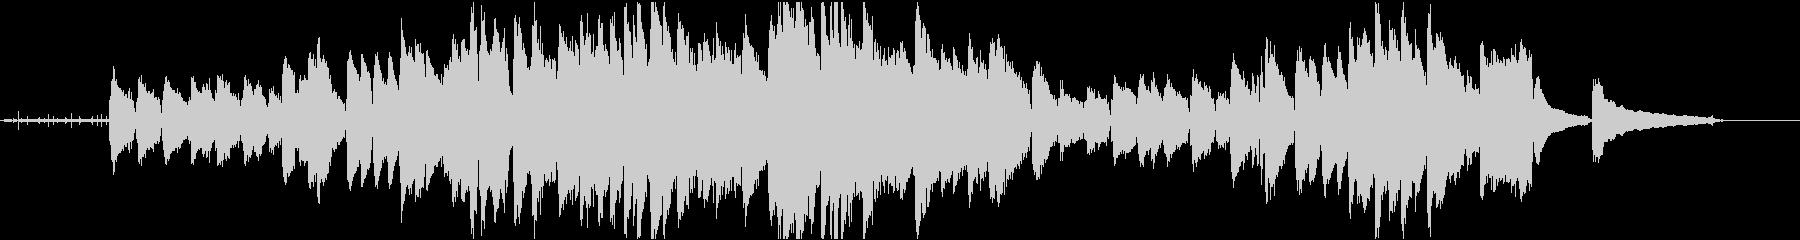 爽やかな3拍子のジャズピアノの未再生の波形